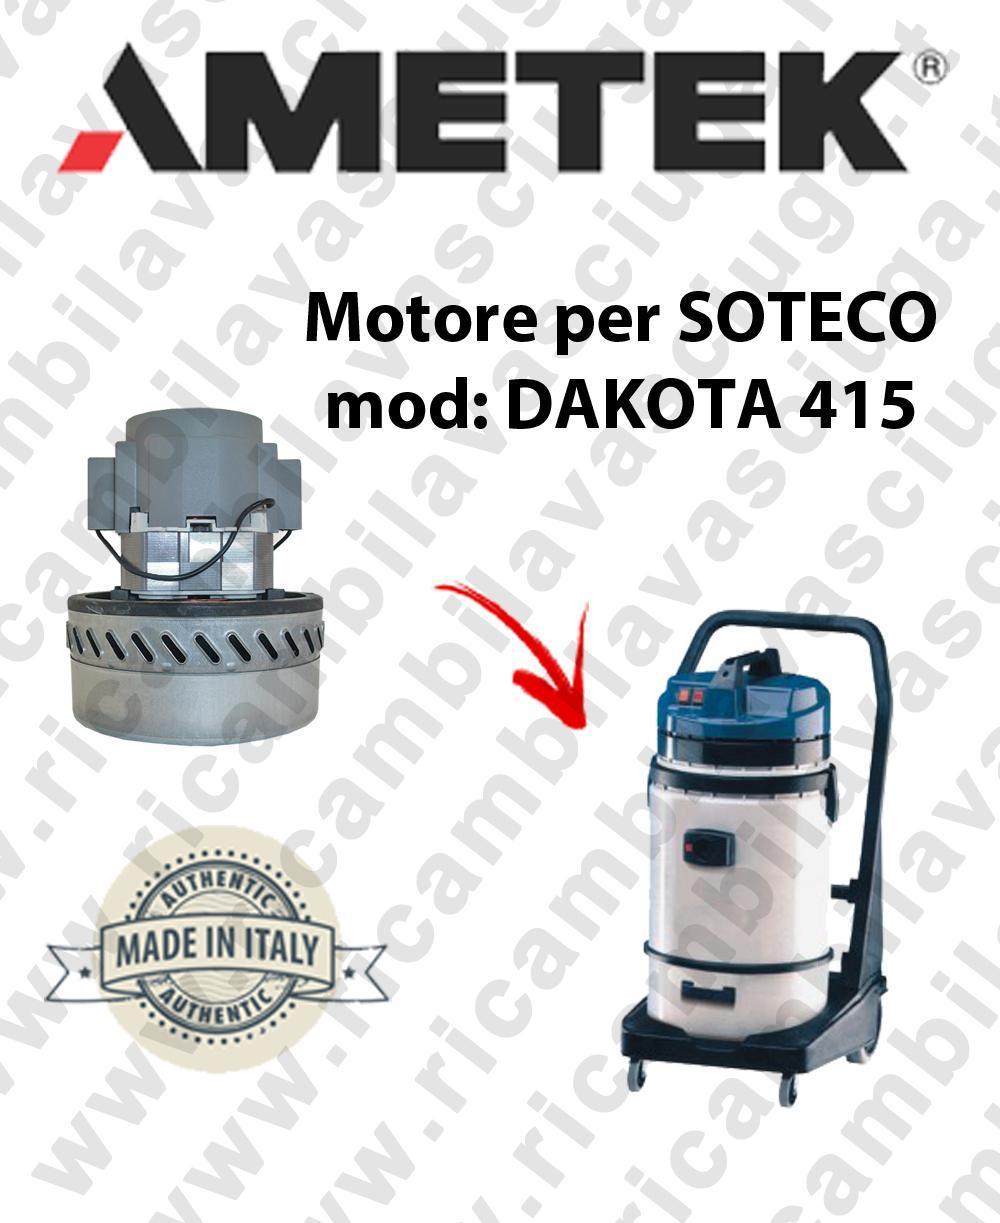 DAKOTA 415 Motore de aspiración AMETEK para aspiradora SOTECO